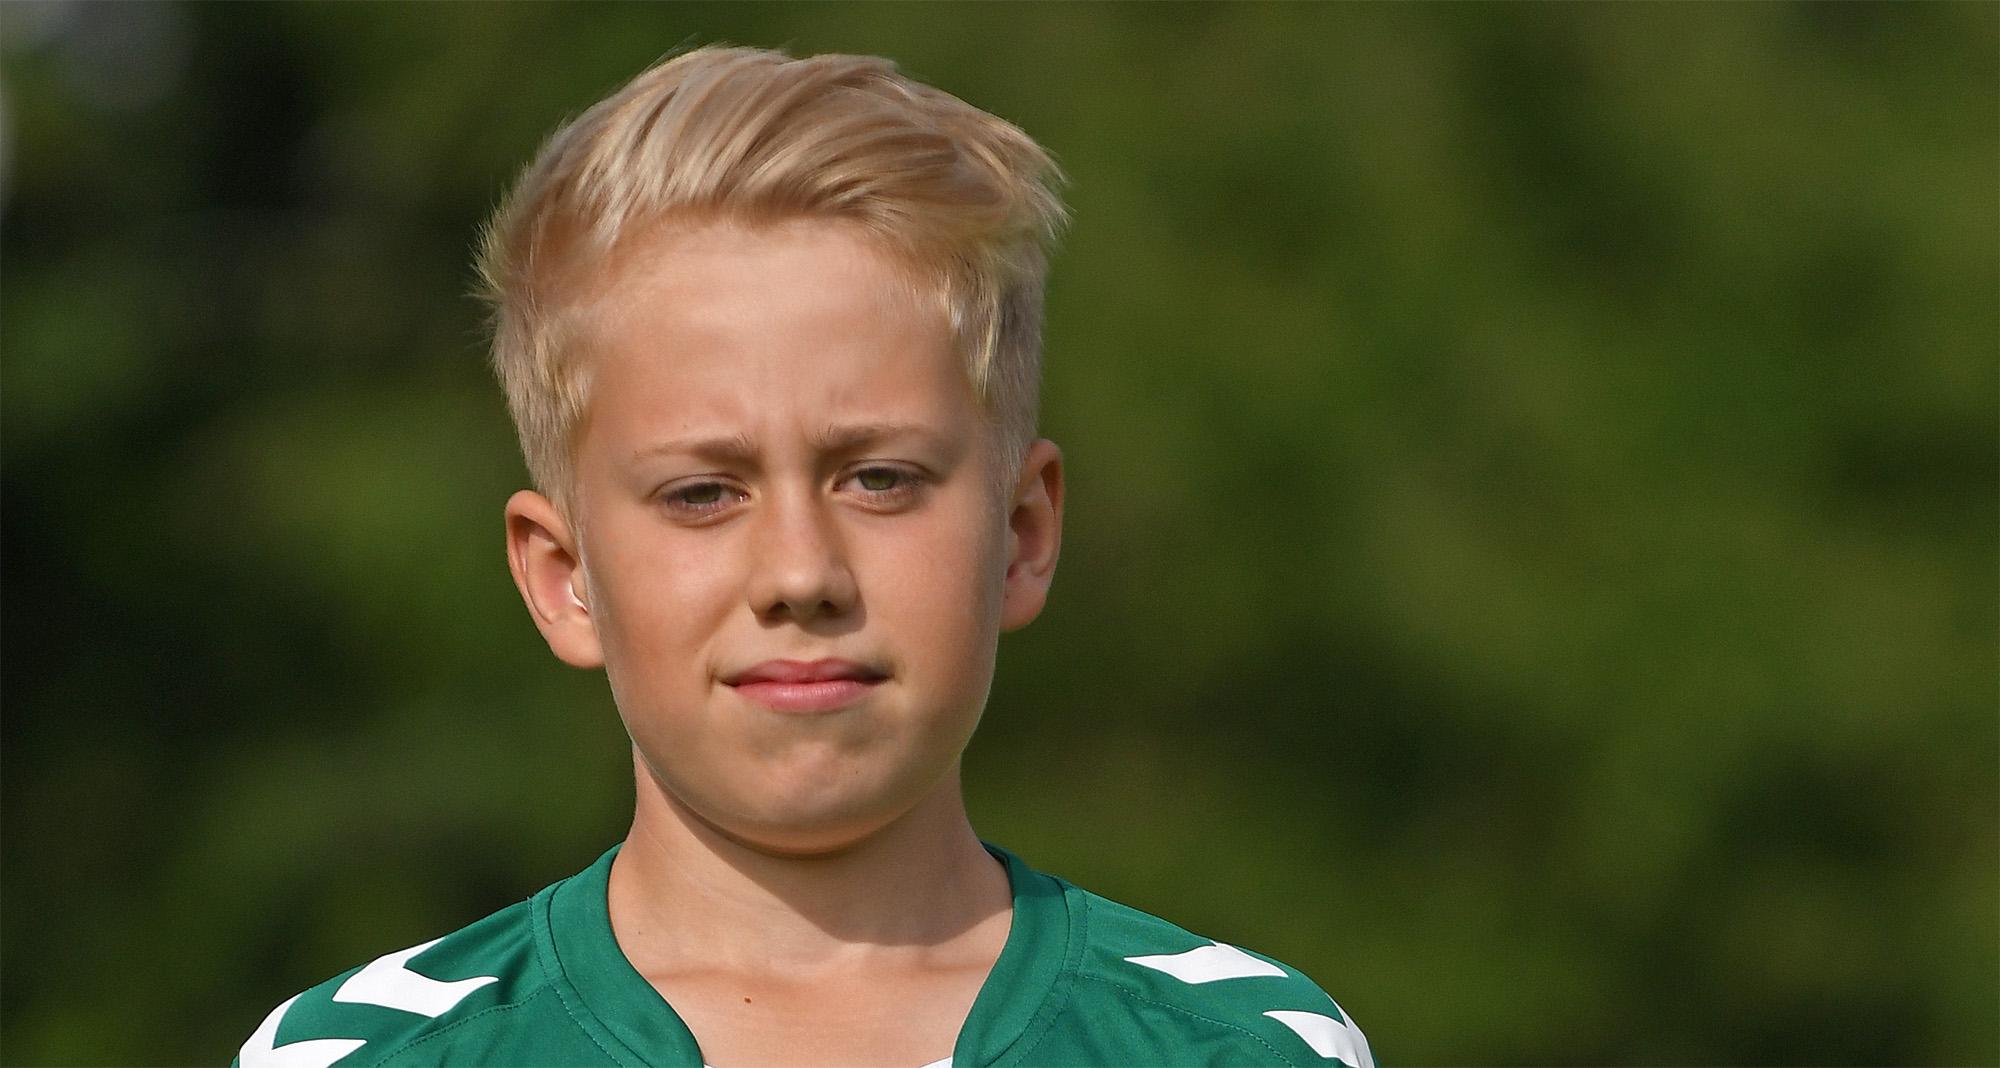 Luca Schulze avancierte zum Matchwinner beim 3:0-Erfolg gegen Aufbau Boizenburg.